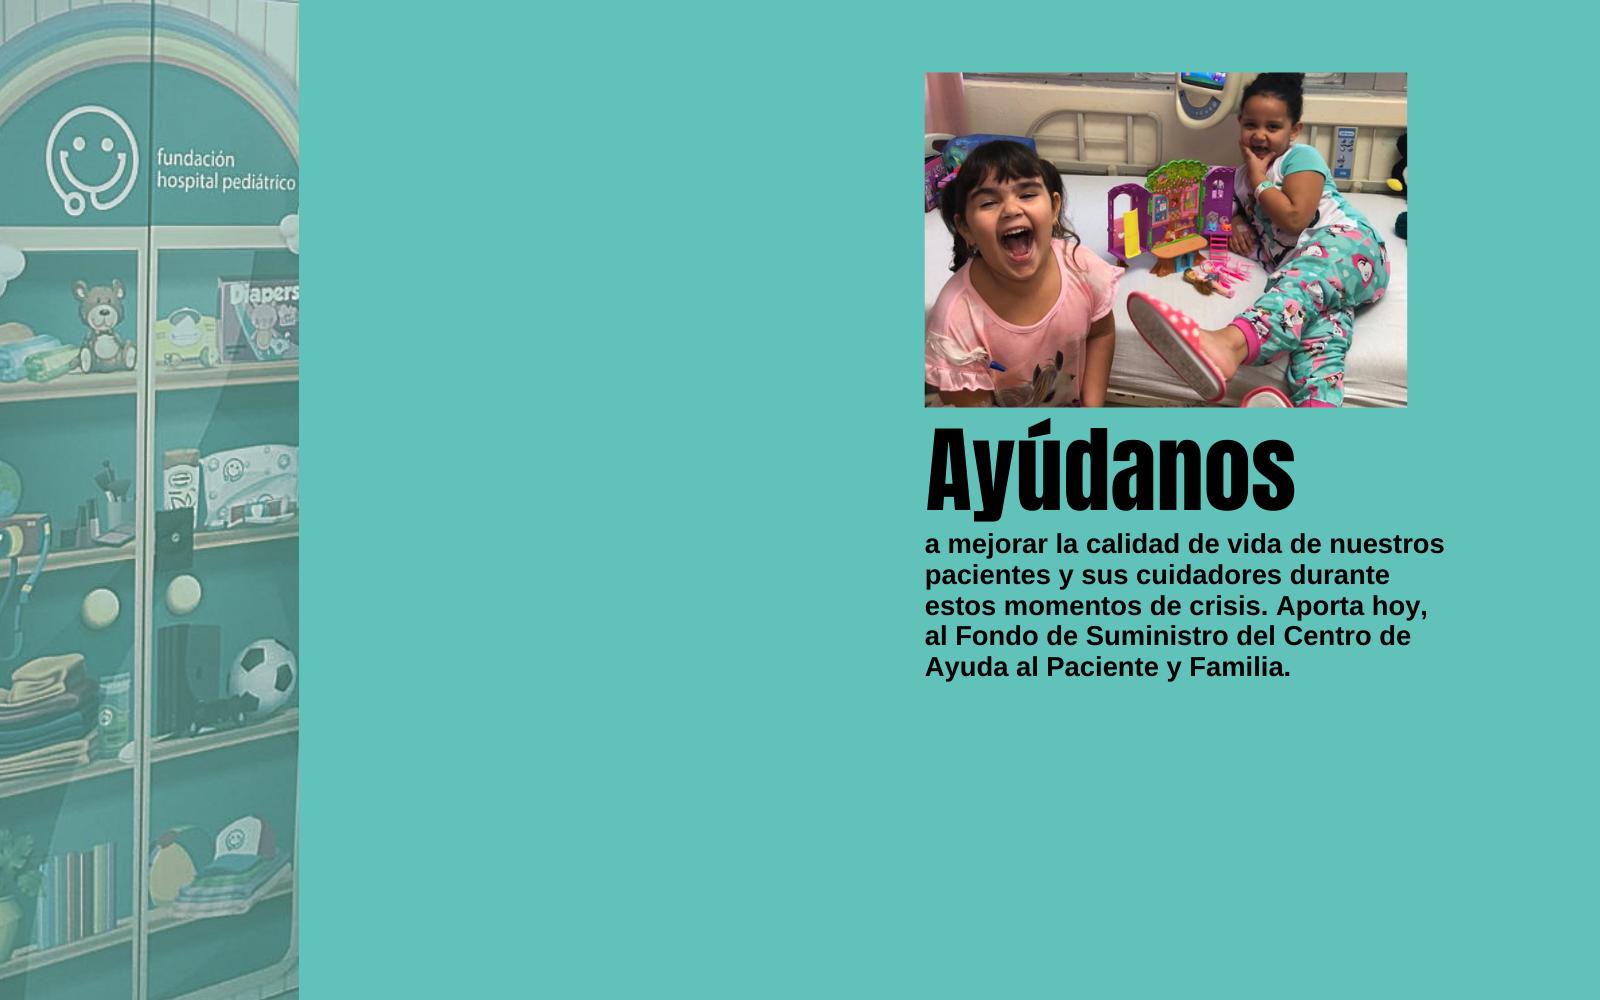 Dona ahora y haz la diferencia en la vida de un niño. / Donate now and make a difference in the life of a kid image